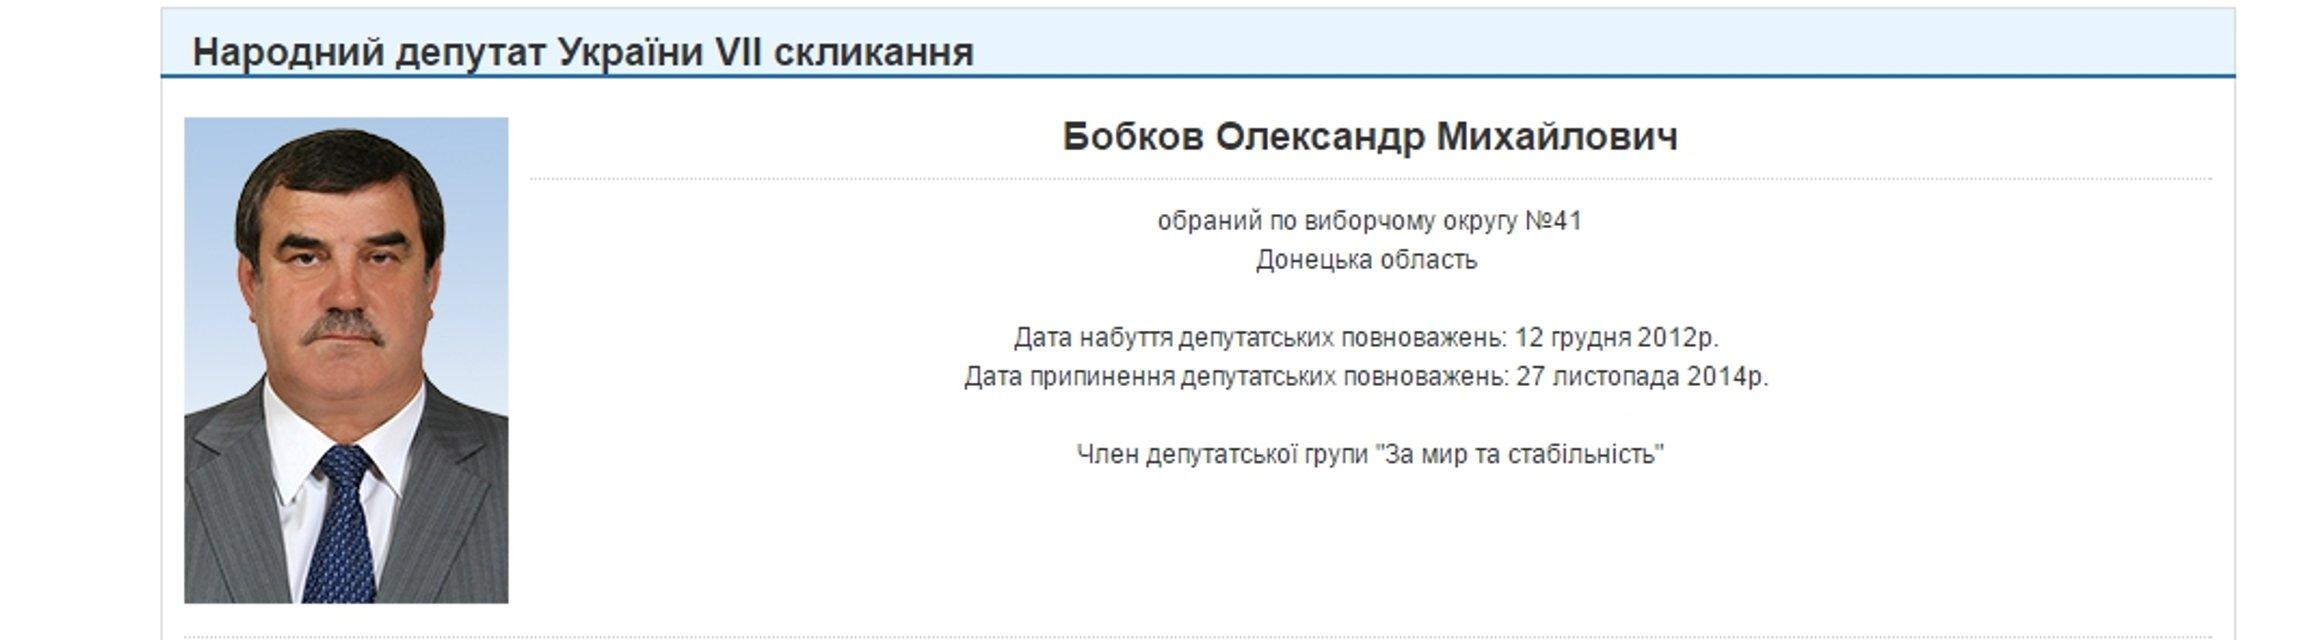 Новым главарем «ДНР» может стать бывший депутат Партии регионов – эксперт - фото 35823